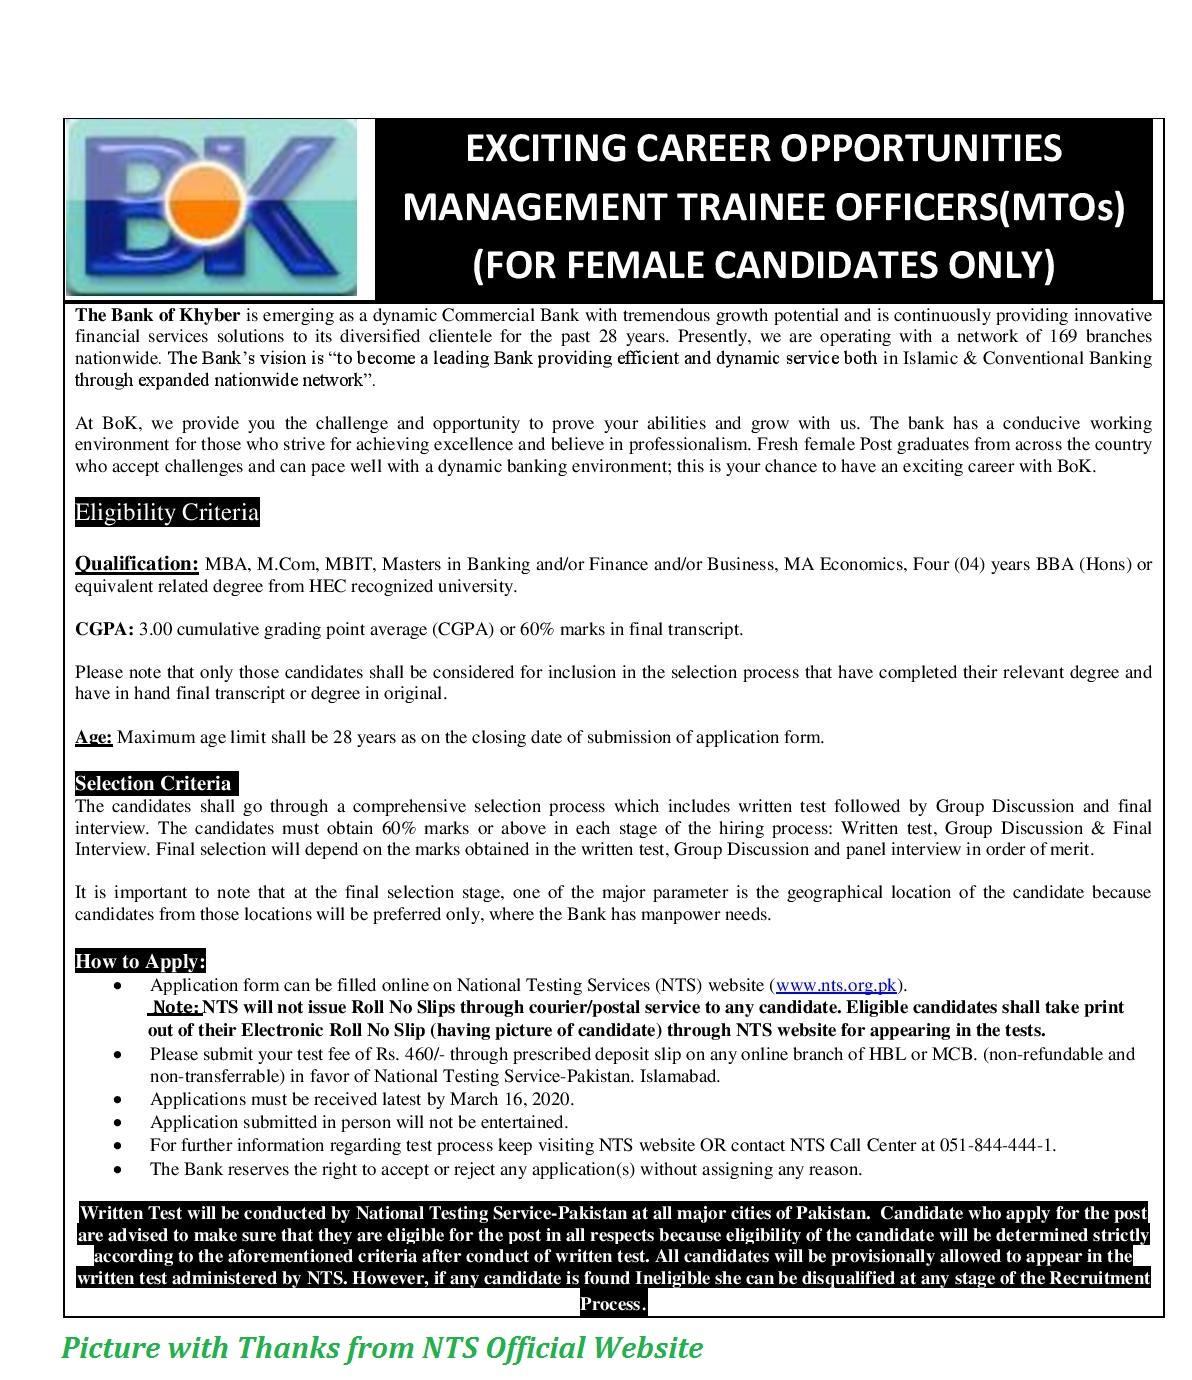 Bank of Khyber Jobs 2020 - BOK Management Trainee Program 2020 for Females